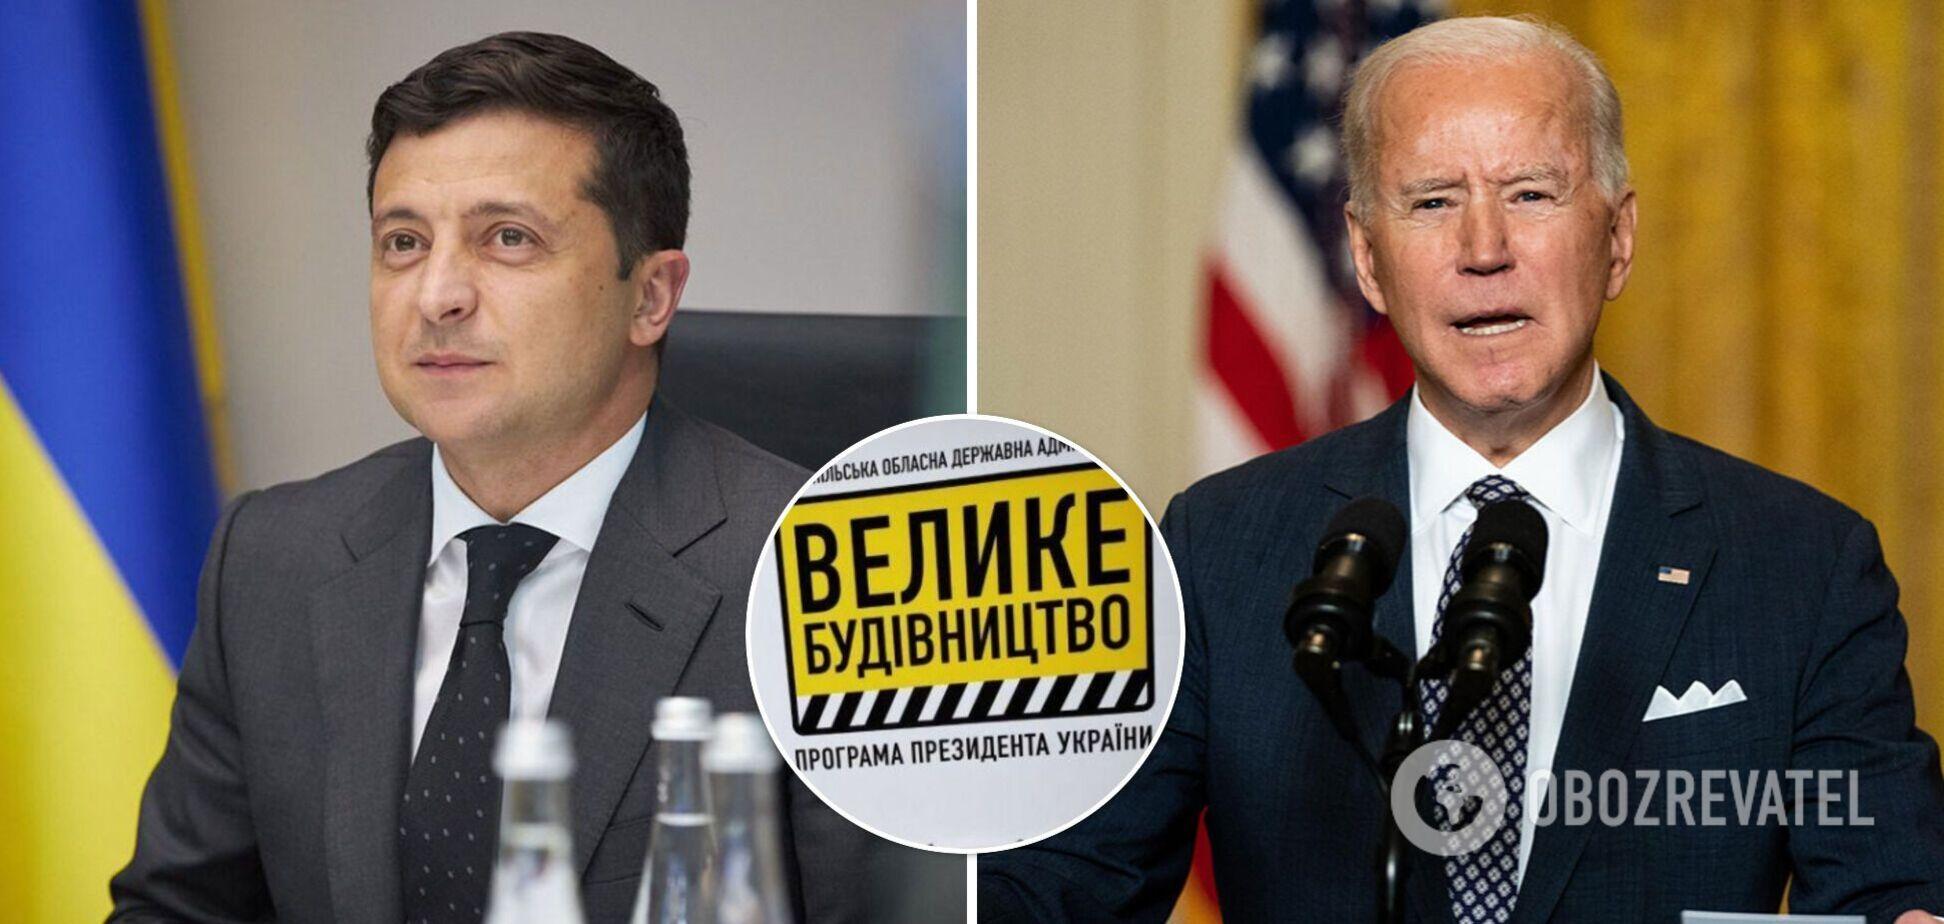 Програма розвитку інфраструктури у США нагадує 'Велике будівництво' в Україні, – експерт